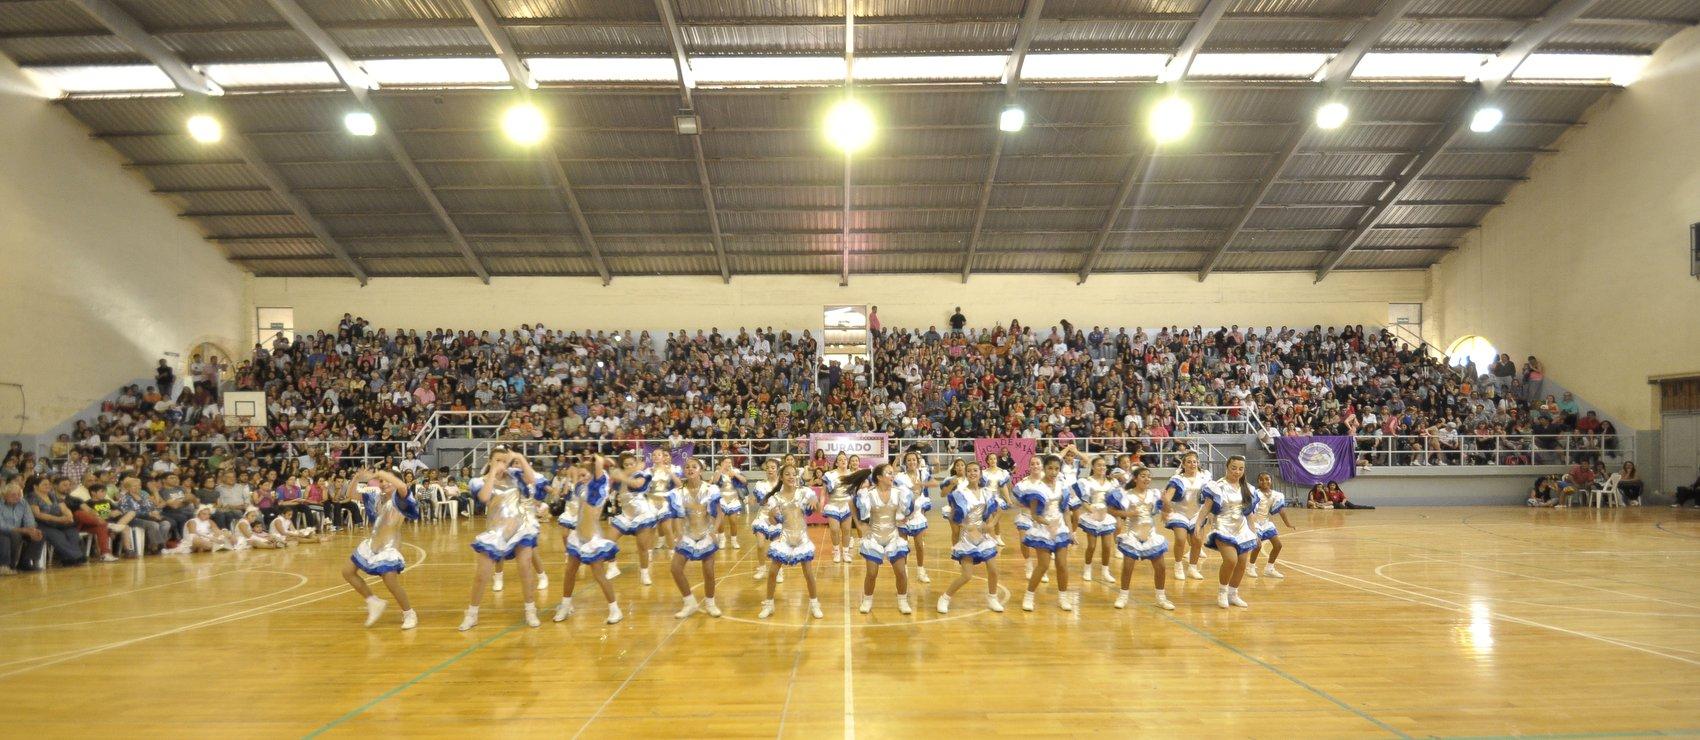 Torneo Provincial de Danzas y Aérobicas